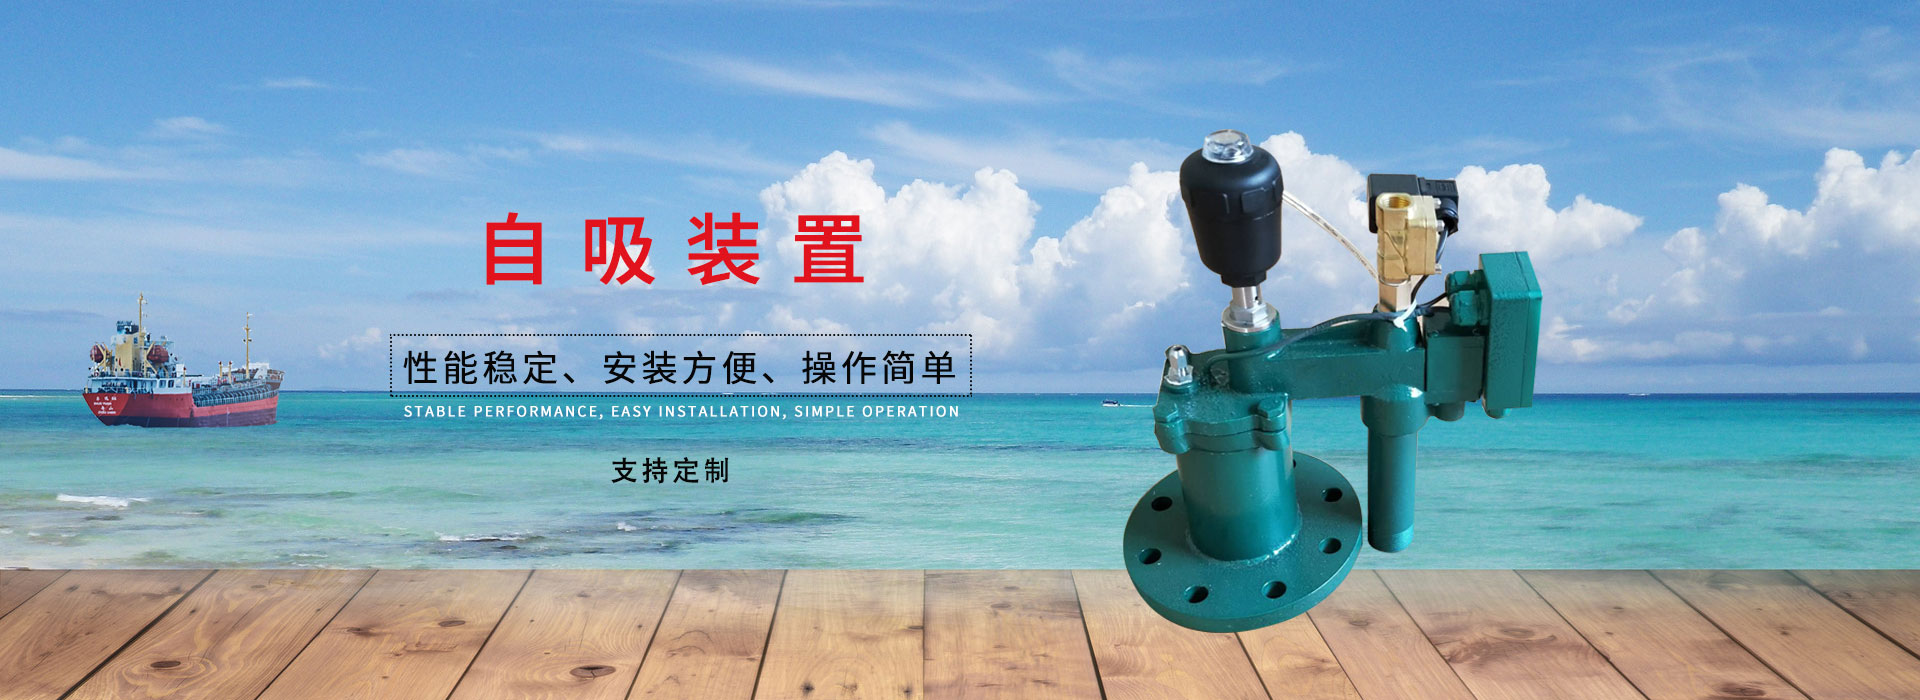 泰州隆华船舶设备有限公司